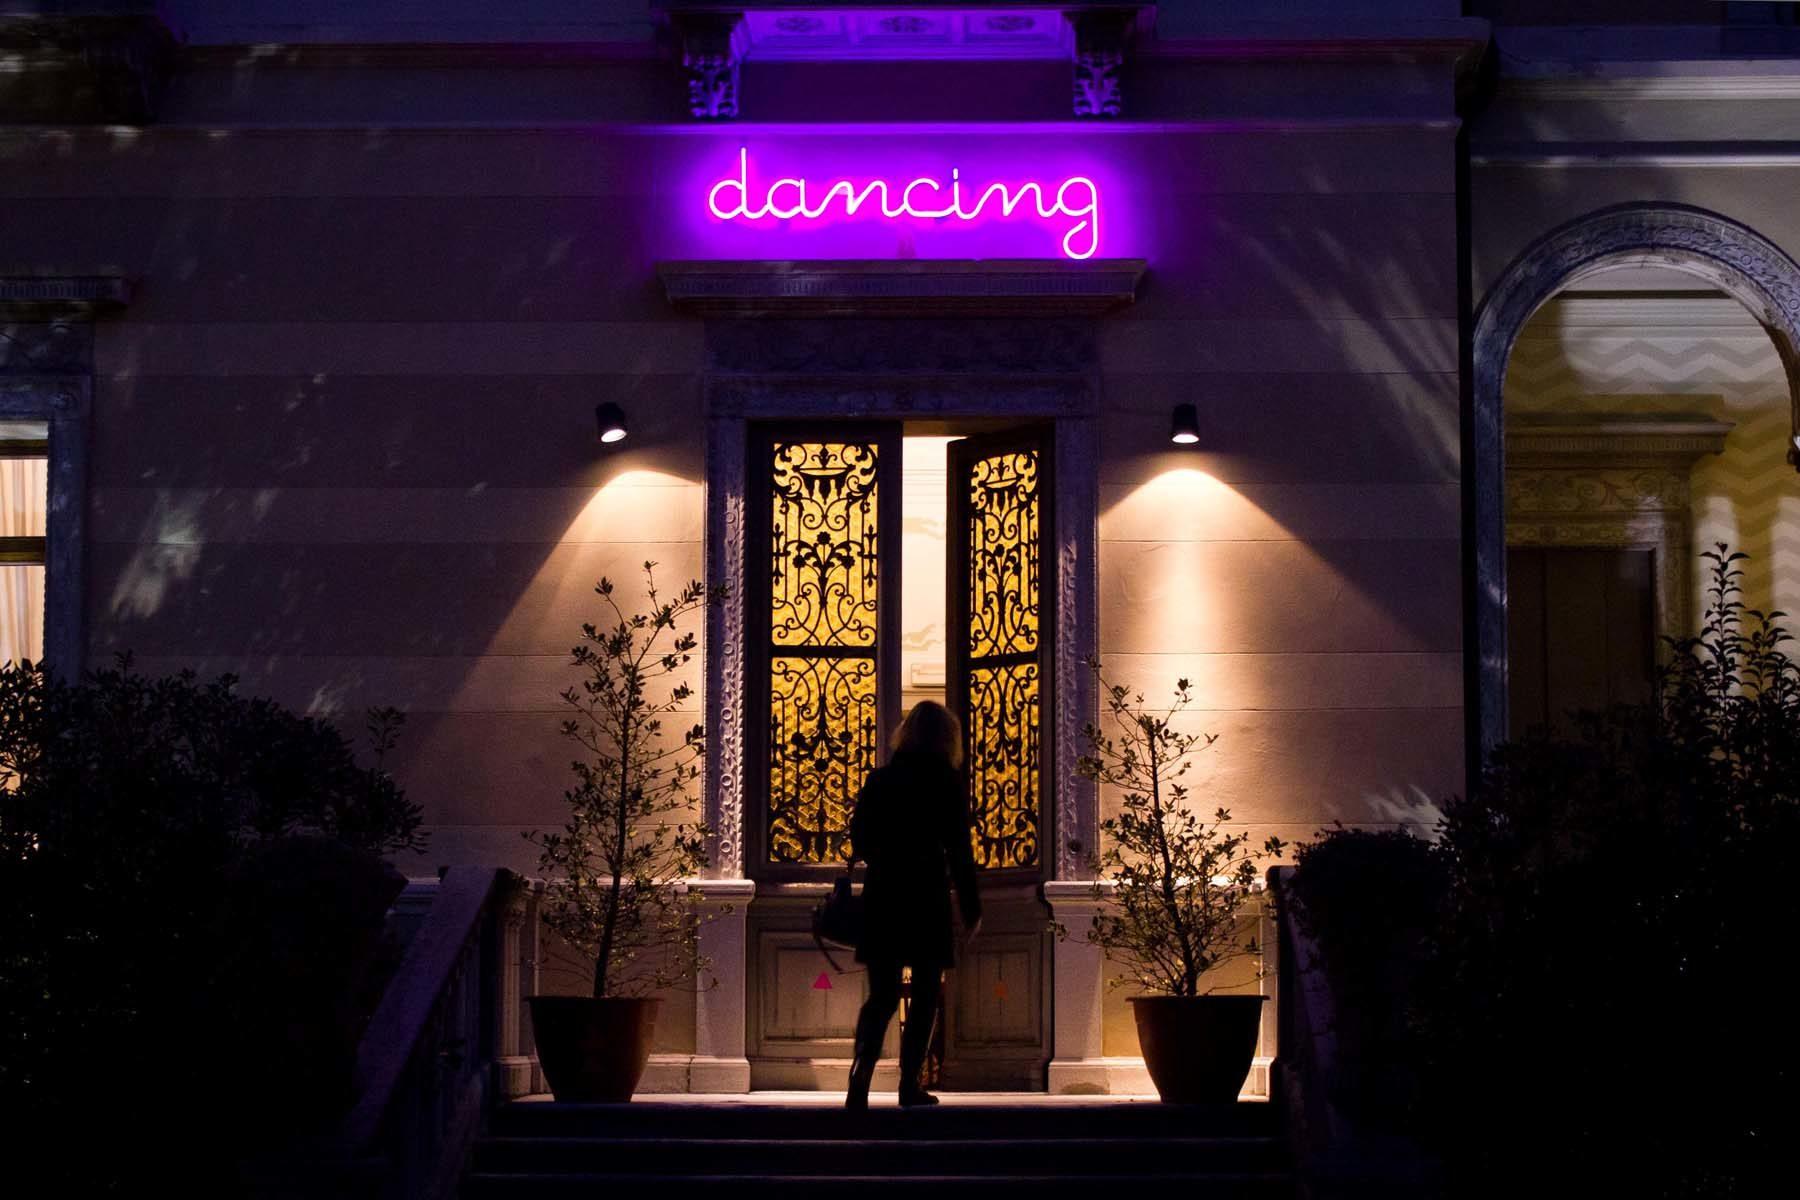 Matteo Attruia, Dancing, 2012, scritta in neon, cm 53 x 177